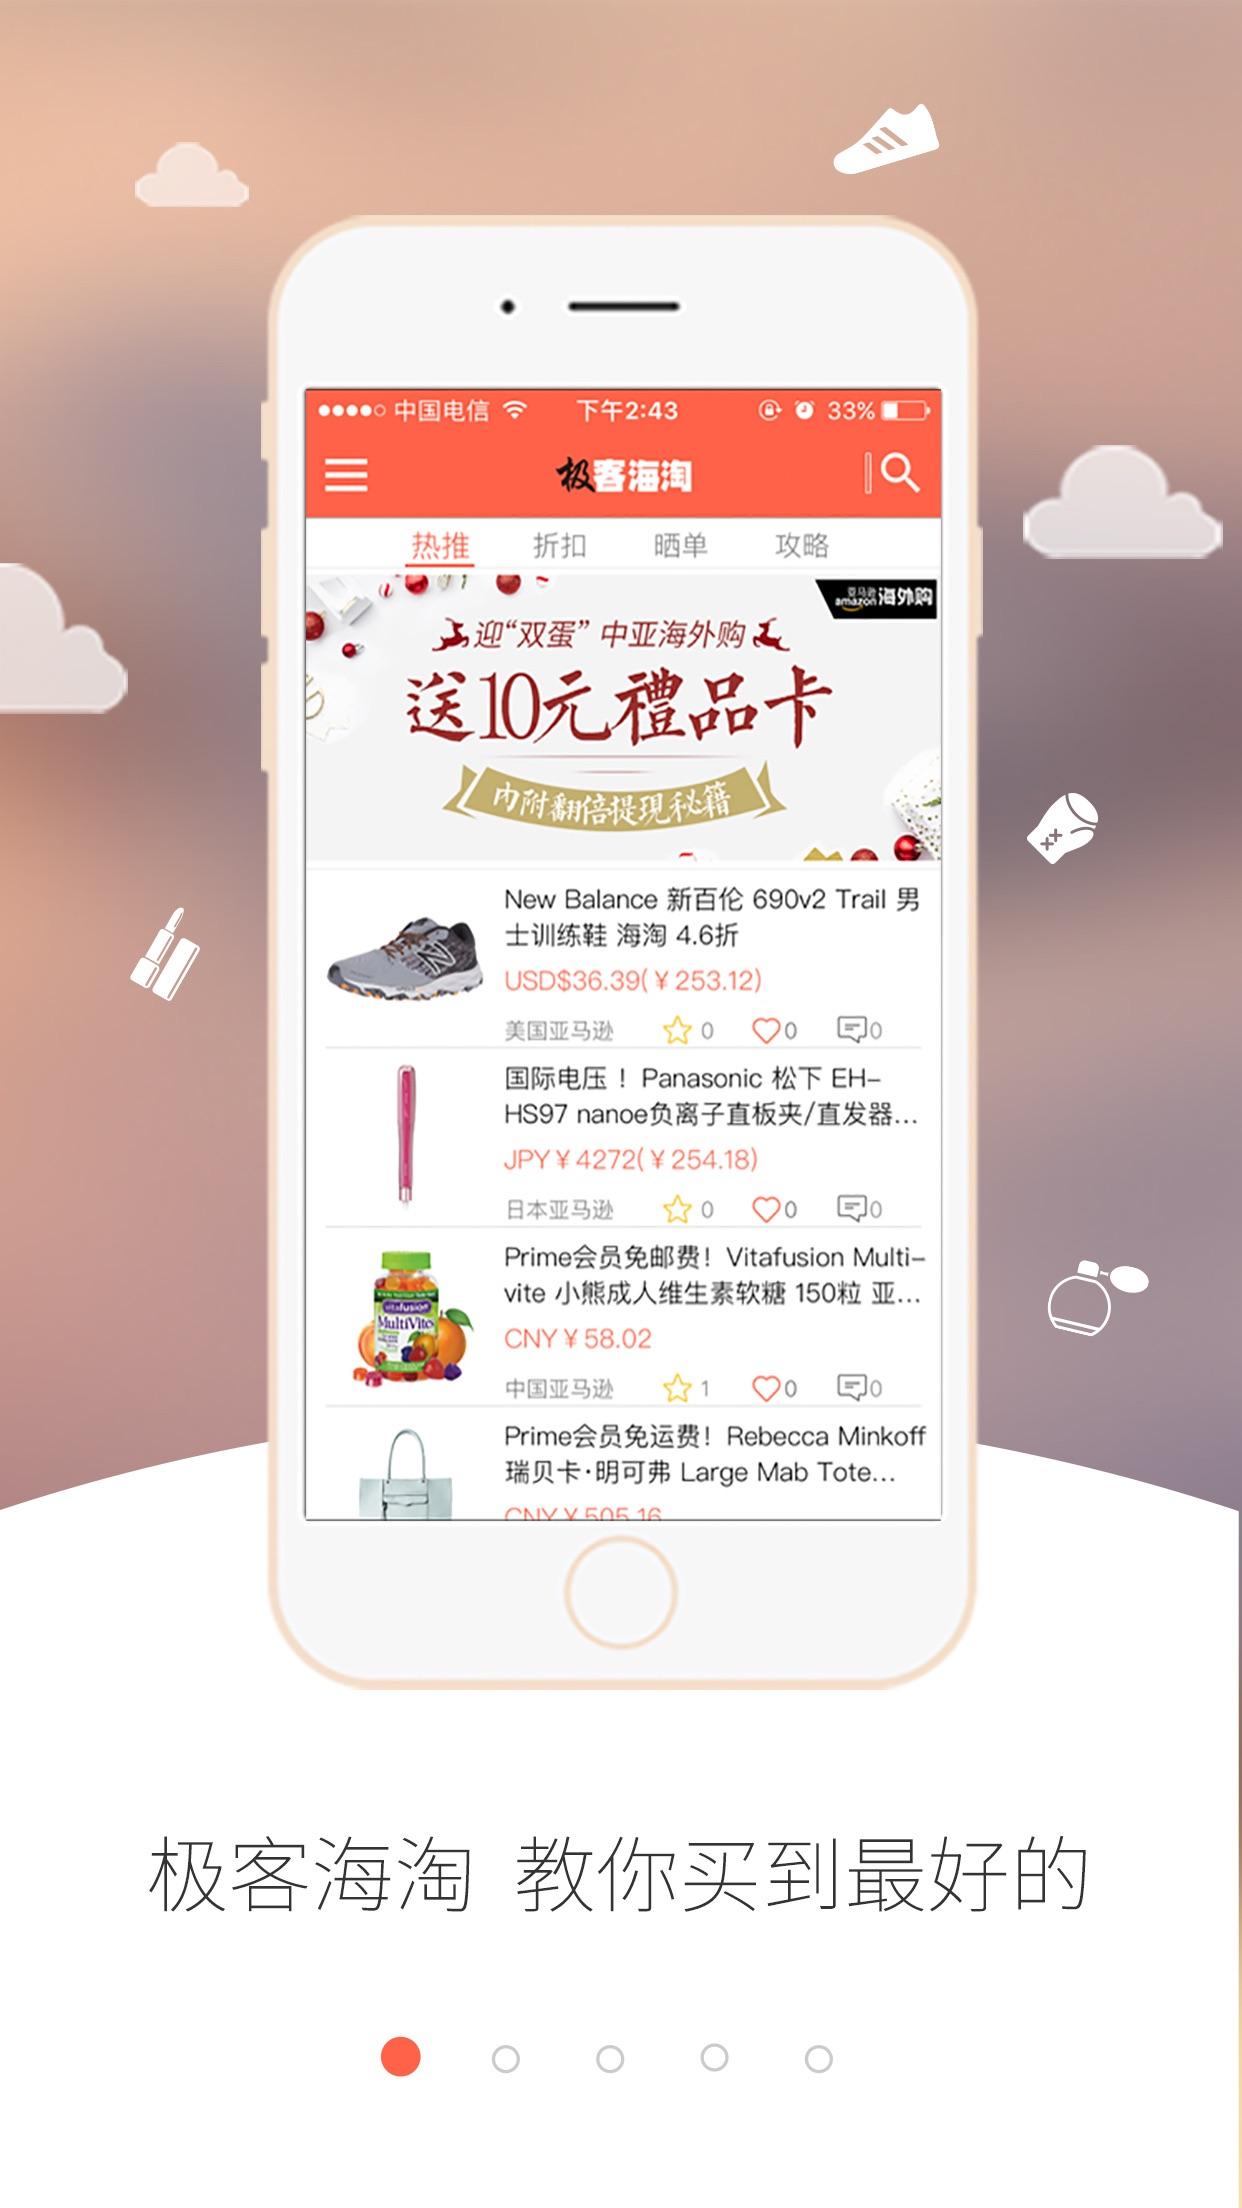 极客海淘-全球电商折扣快报 Screenshot